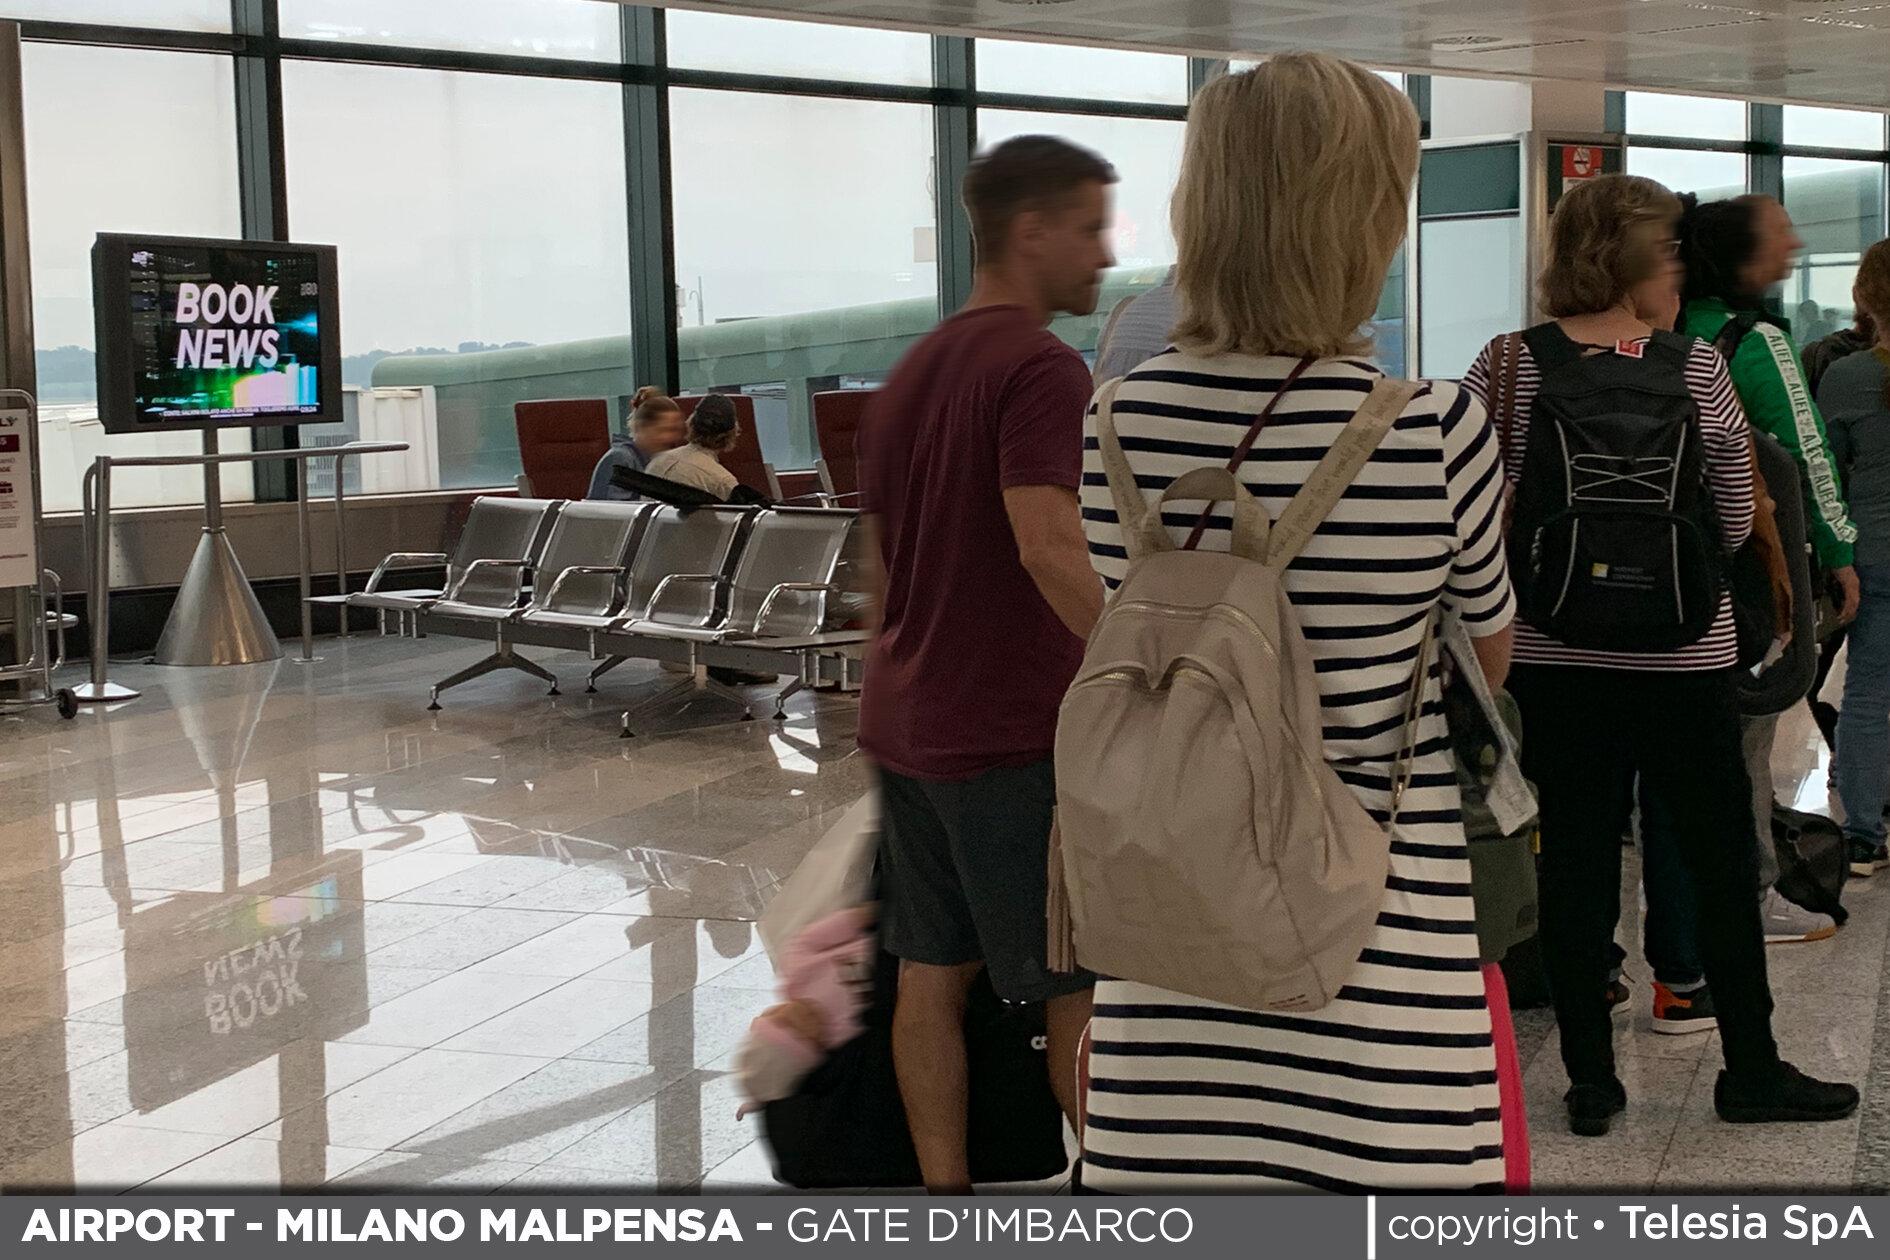 T_airportMilMalpensa2.jpg